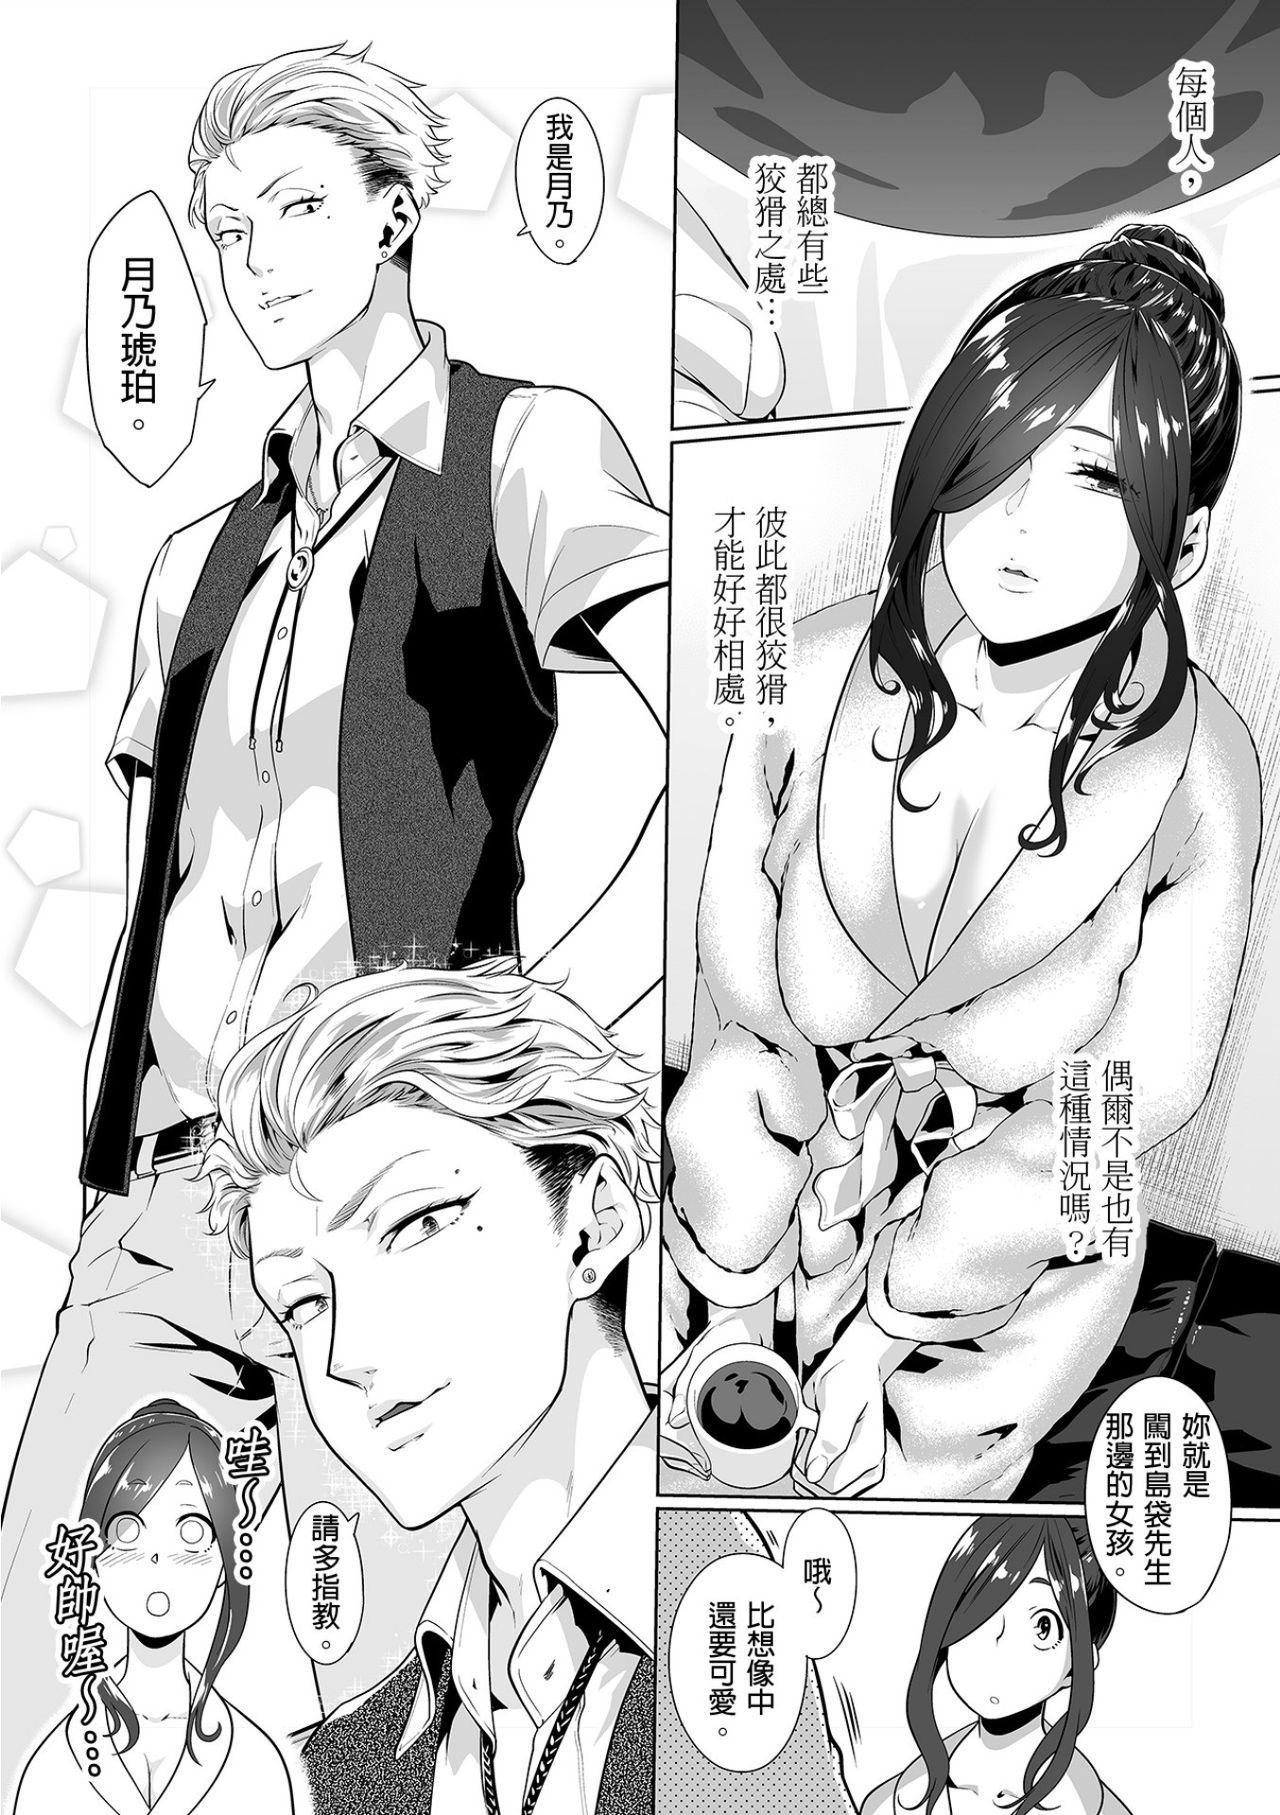 [Qunami Himehiko, Akahige] Gifu no Nurunuru Massage ~Musume no Kori o Asa kara Kurikuri~ | 義父的濕答答按摩~一早幫忙女兒放鬆肌肉~ Ch. 9 [Chinese] 30